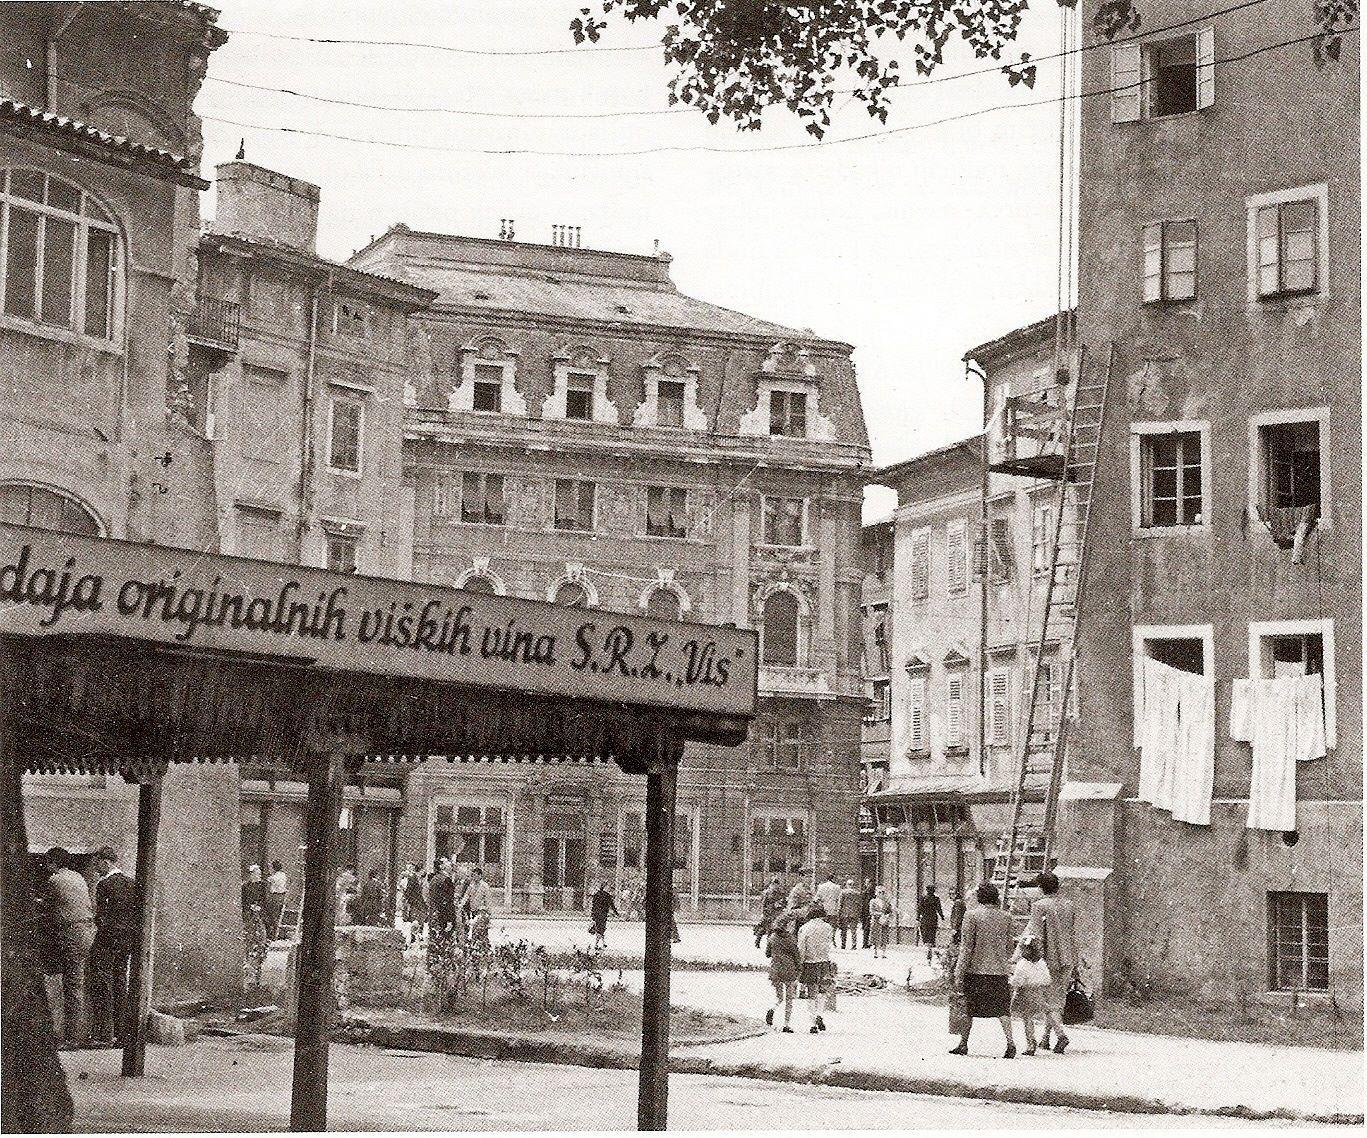 Rijeka 1947 Rijeka Old Images Croatia